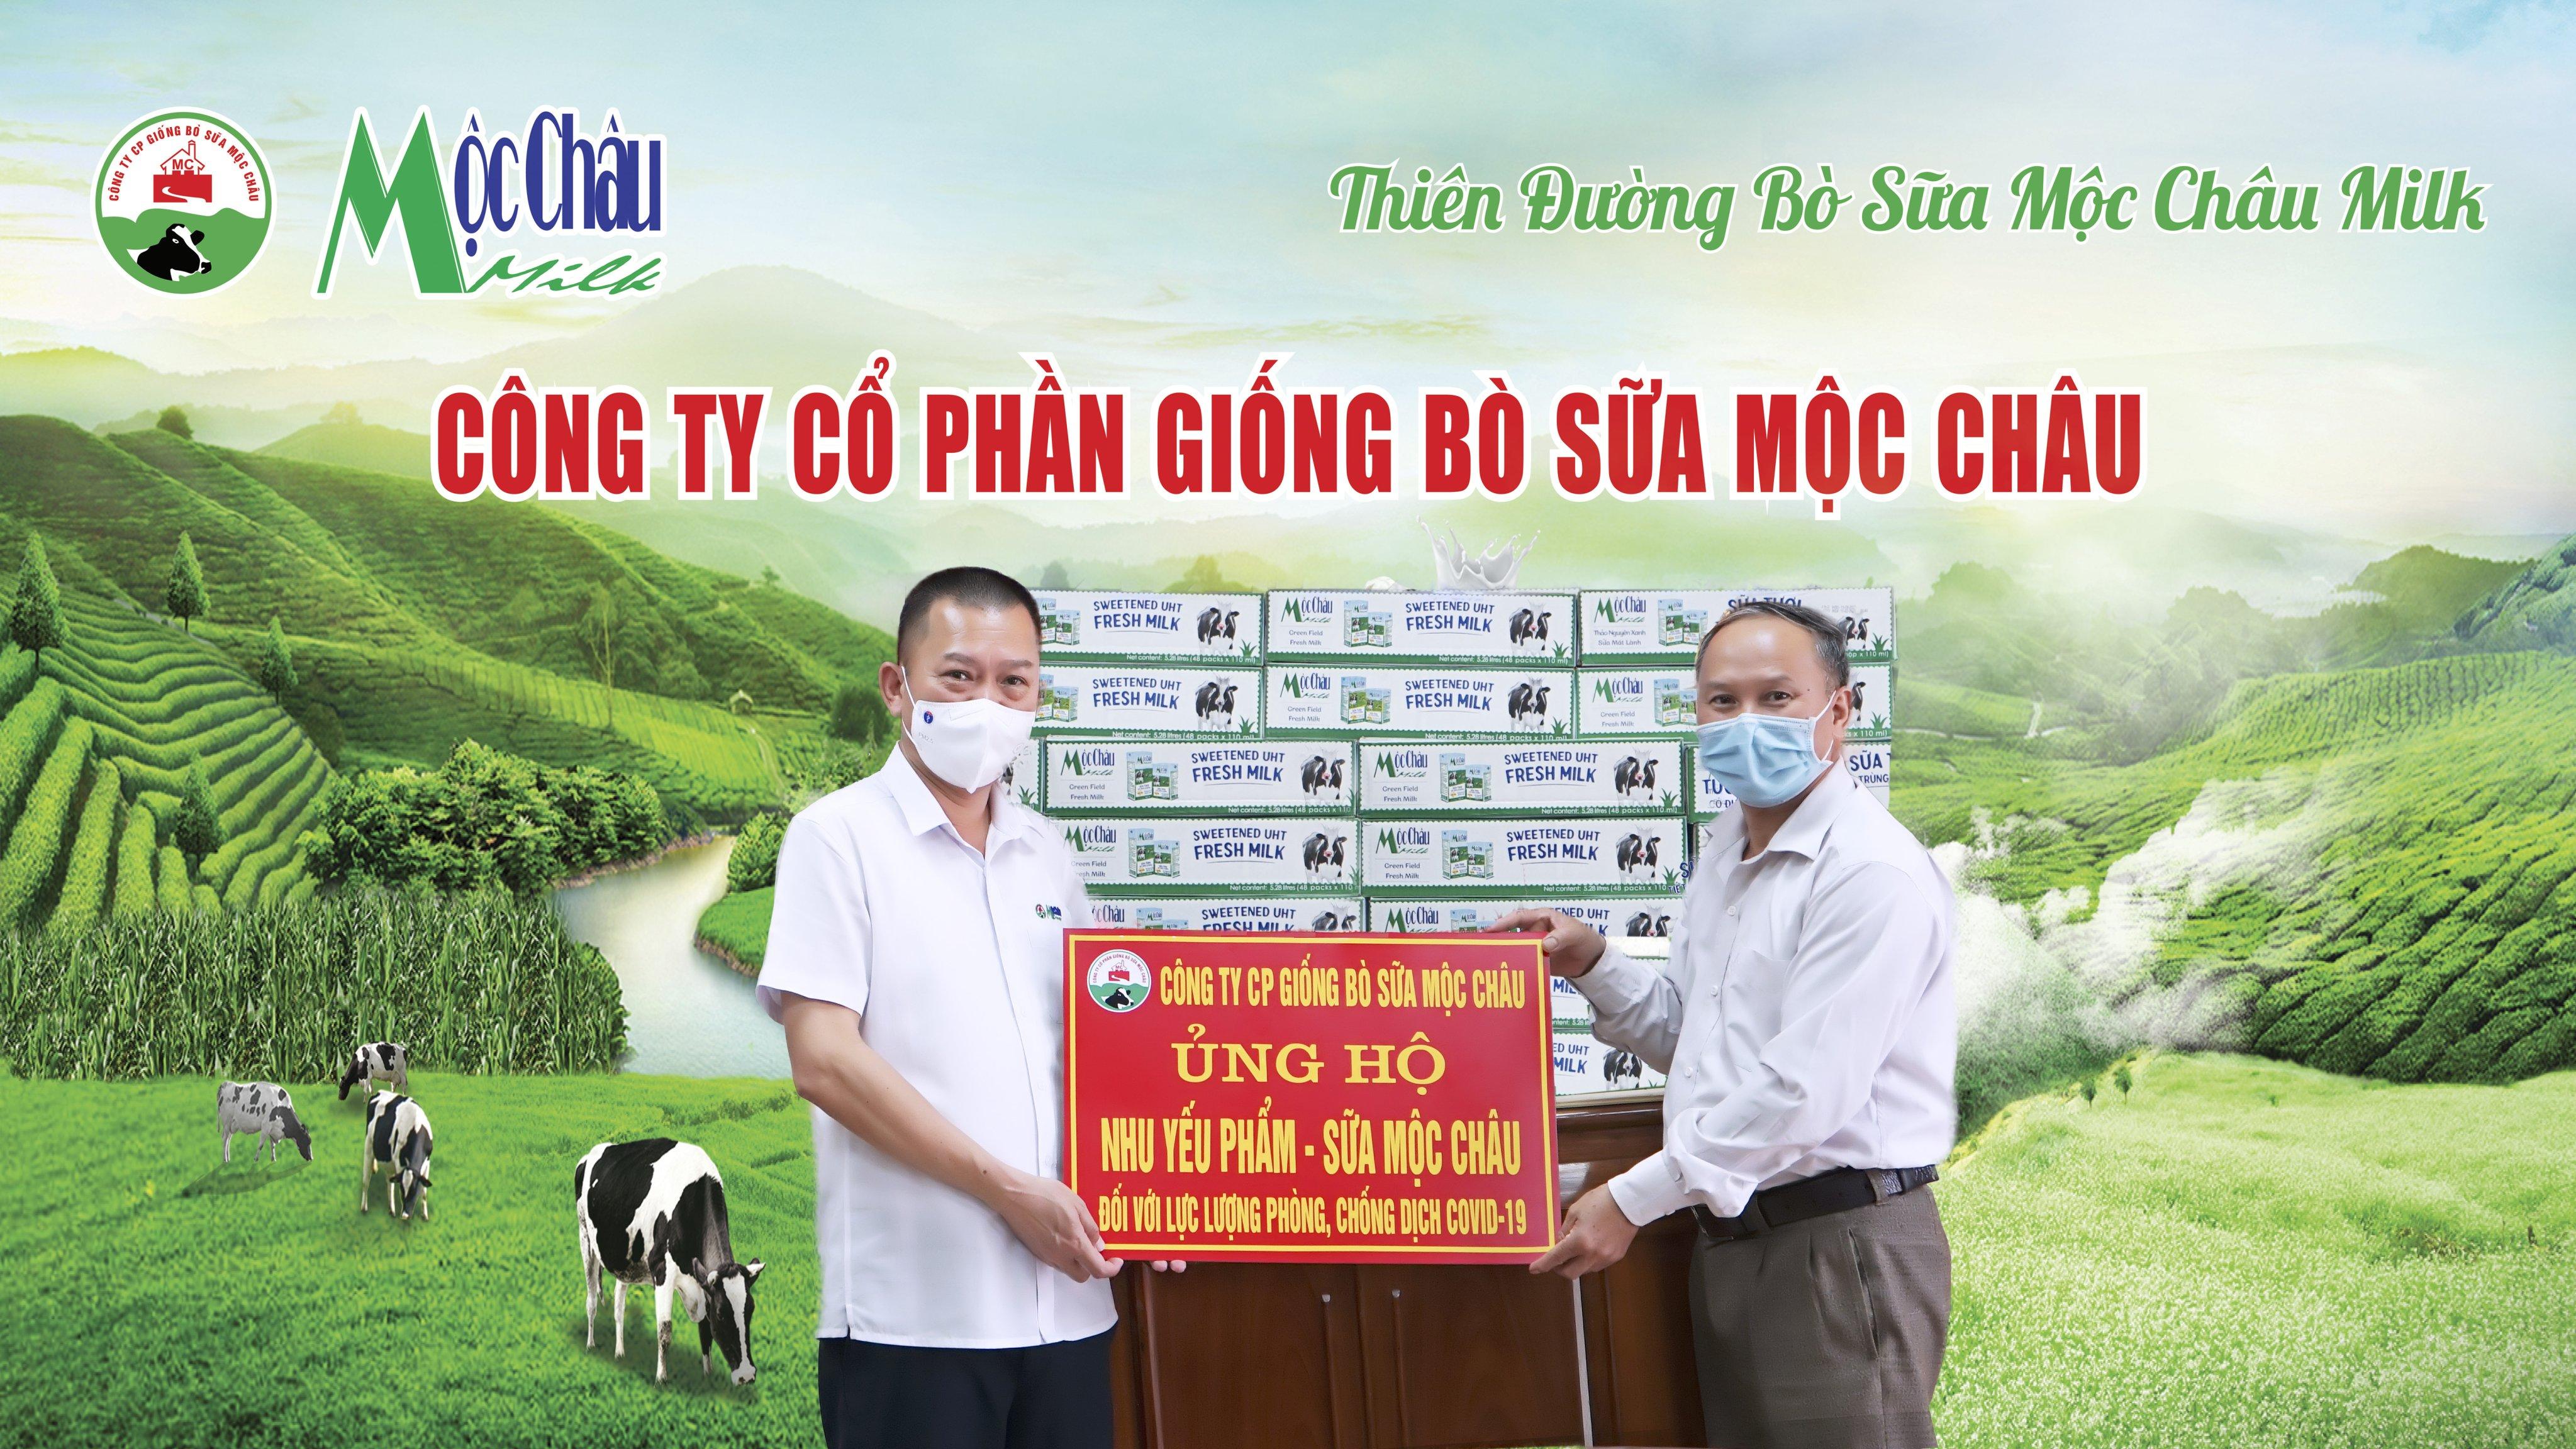 Tập đoàn TH trao tặng Hà Nam, Vĩnh Phúc hơn 145.000 sản phẩm đồ uống tốt cho sức khỏe, chung tay chống dịch COVID-19 6